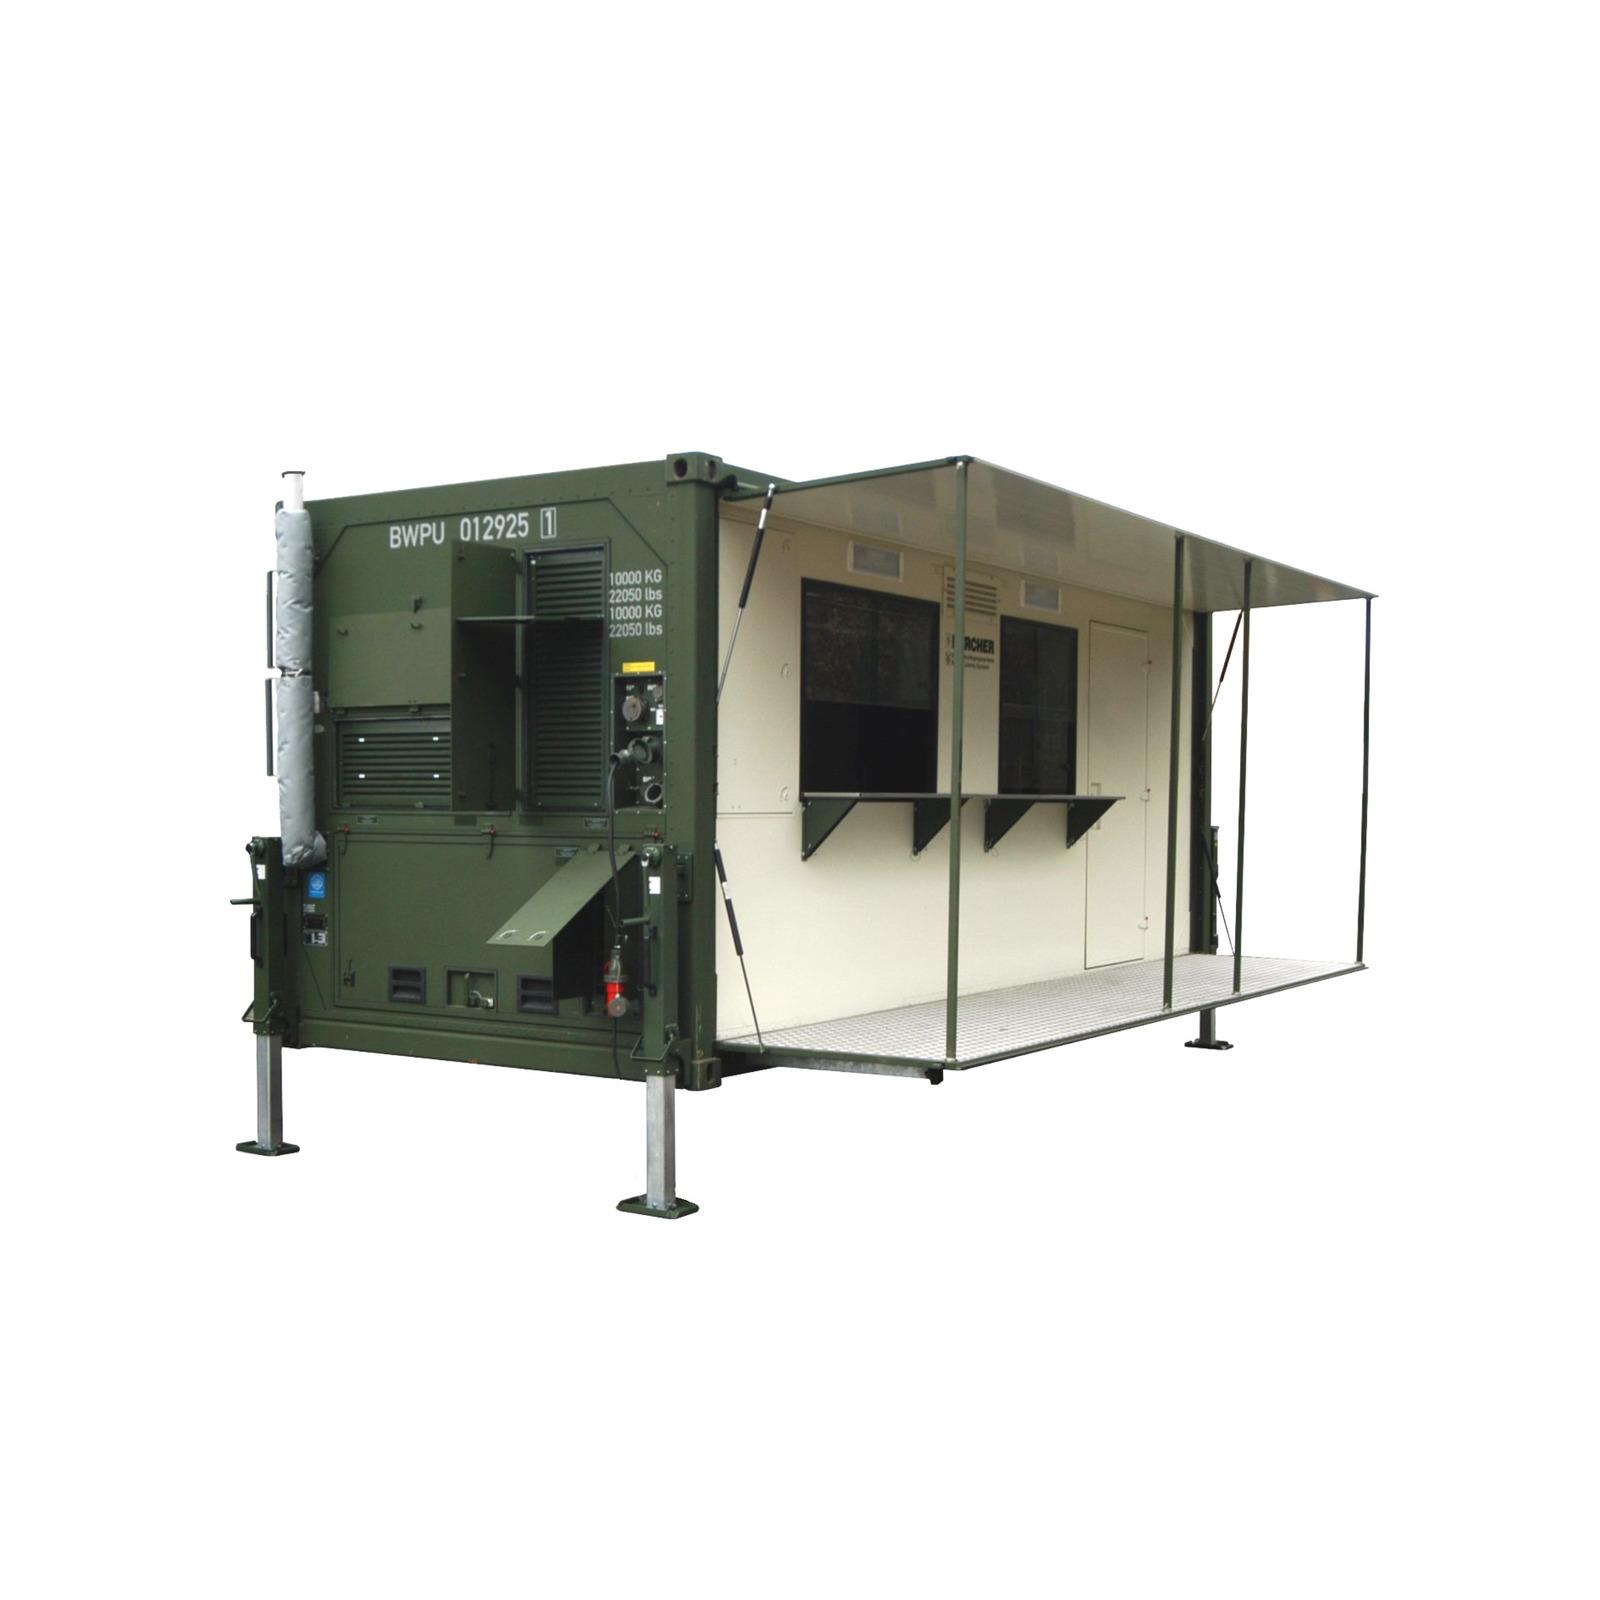 contenedor para elaboración de alimentos 2 con generador | futuretech